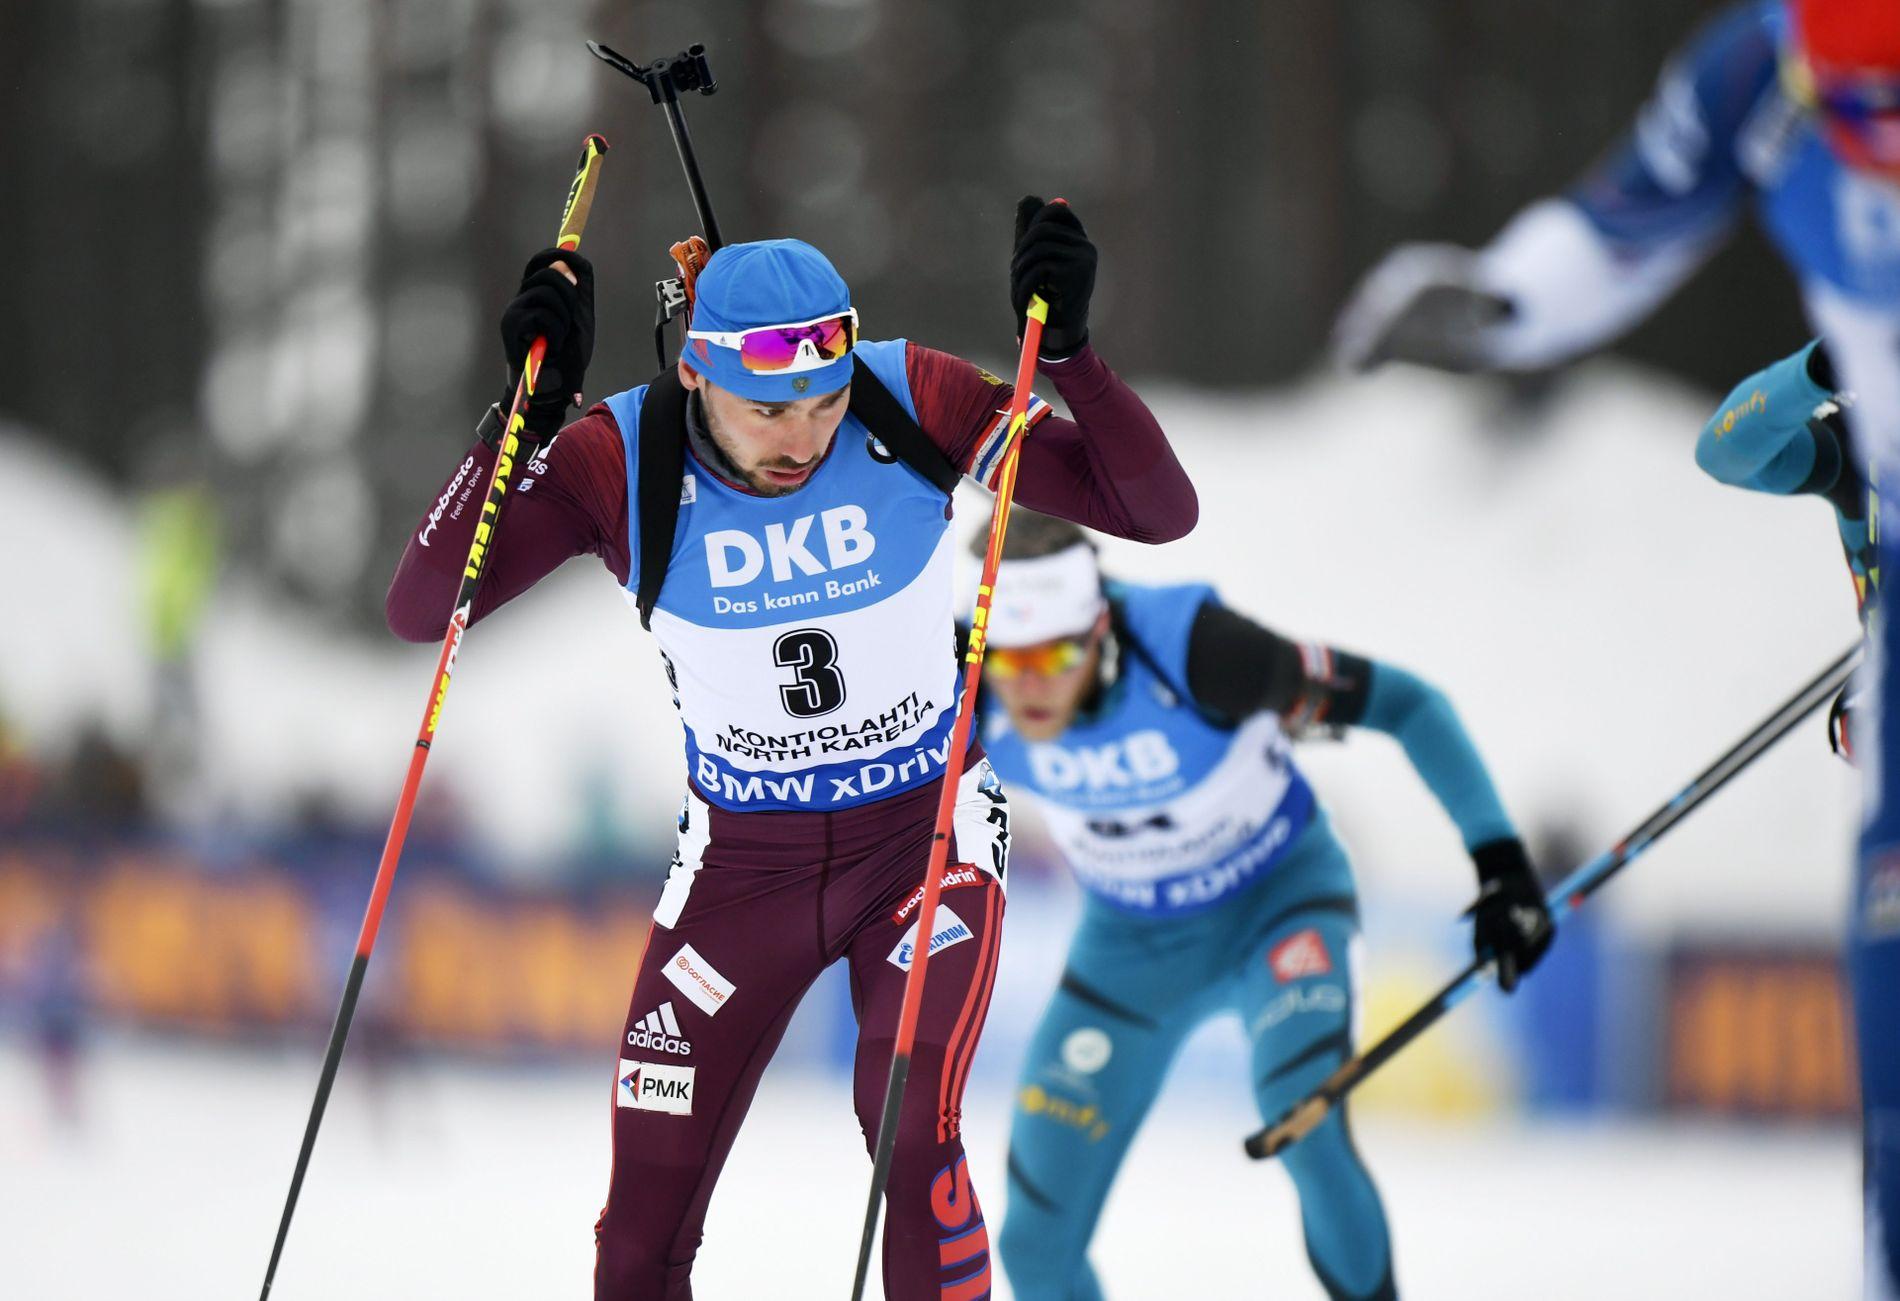 RUSSLAND NEKTET FULLT MEDLEMSKAP: Anton Sjipulin er Russlands mest profilerte skiskytter, men ble utestengt fra OL sist vinter av IOC. Han har fått lov til å delta i verdenscupen. Russland søknad om fullt medlemskap i IBU er i dag avslått.